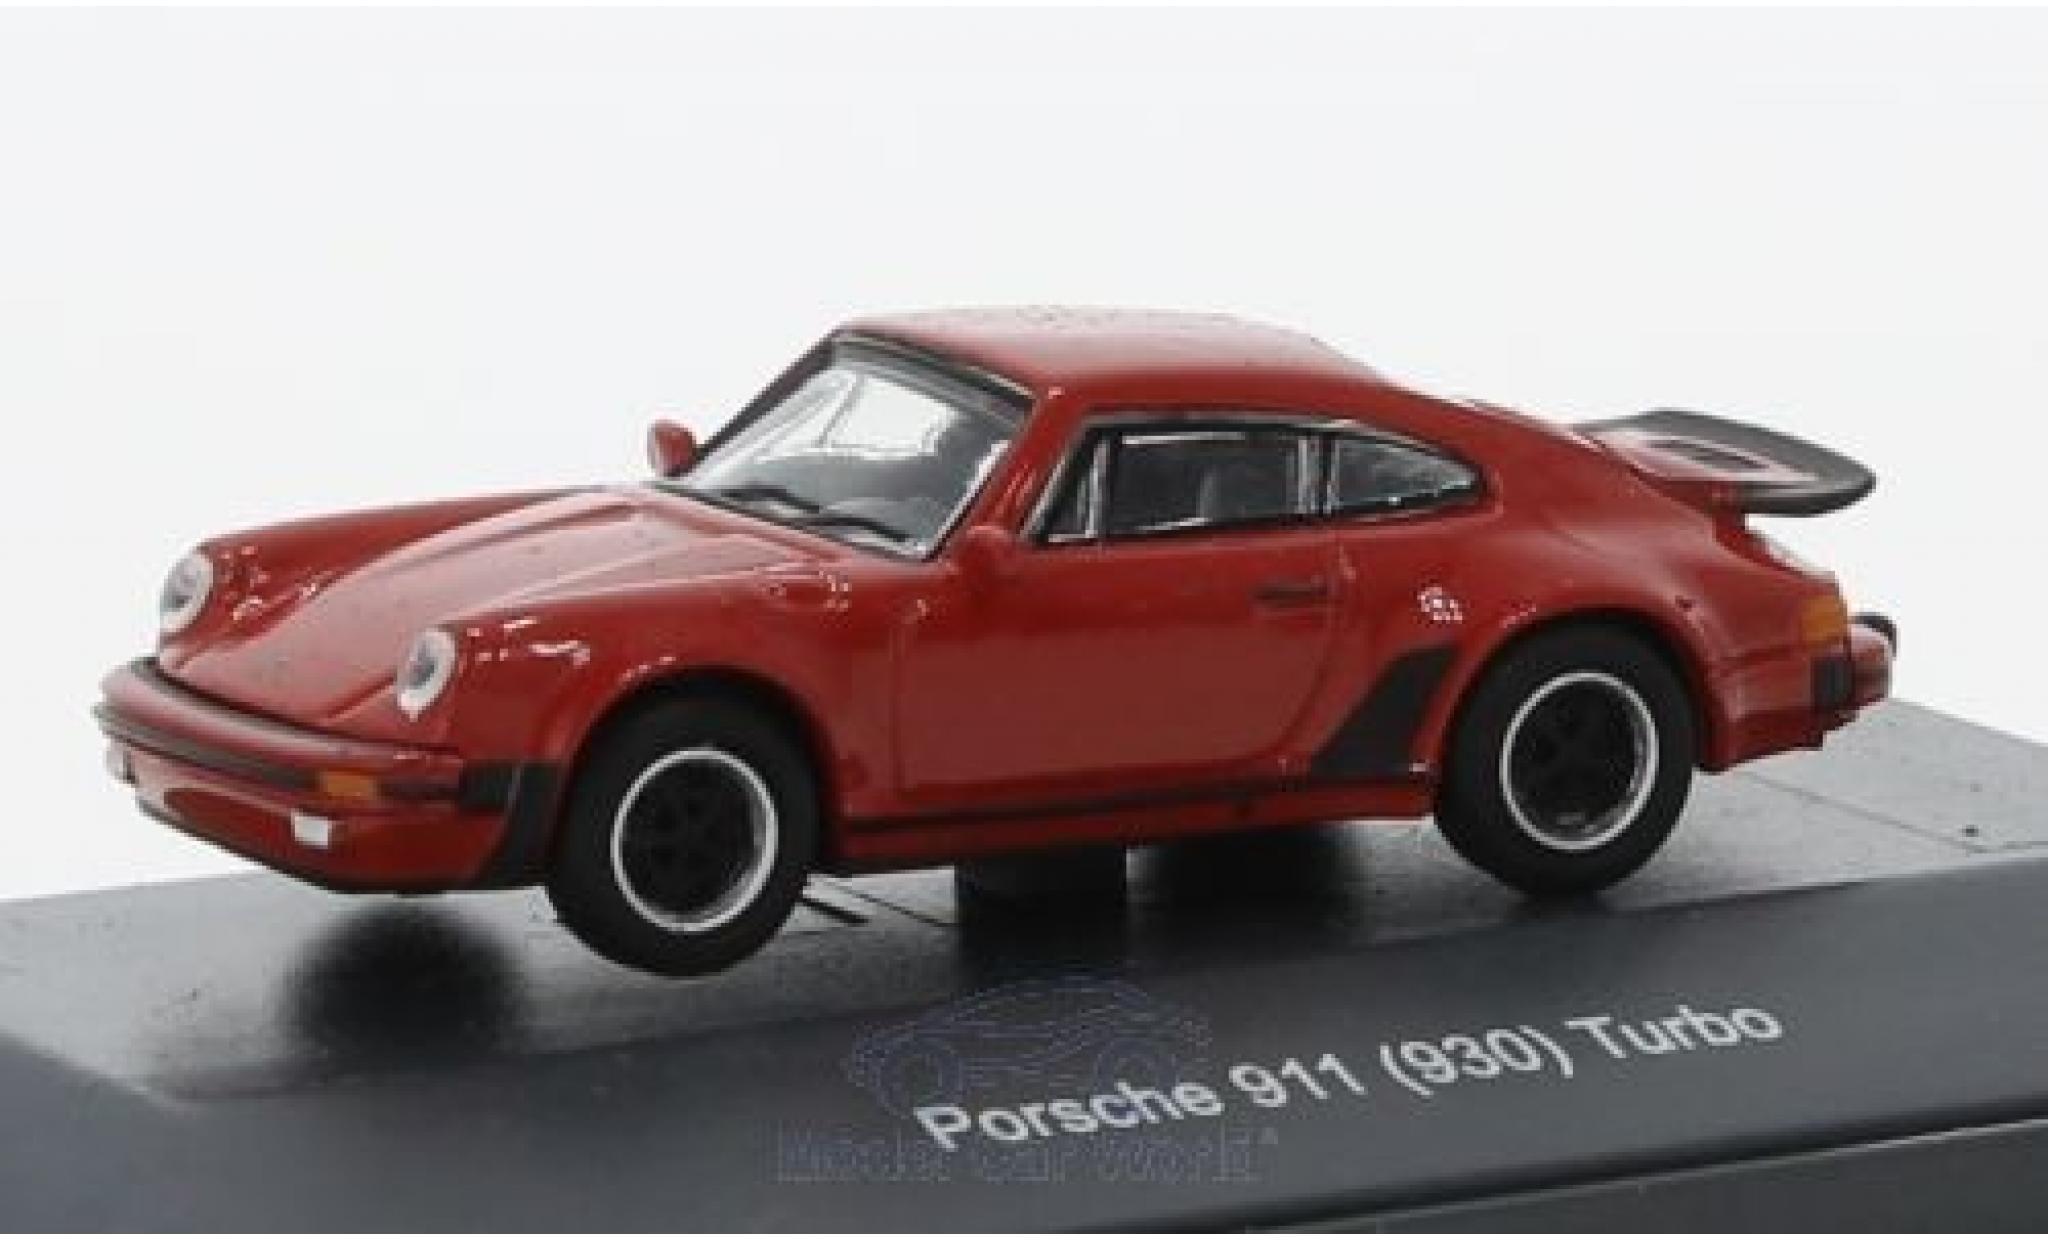 Porsche 930 Turbo 1/87 Schuco 911  red